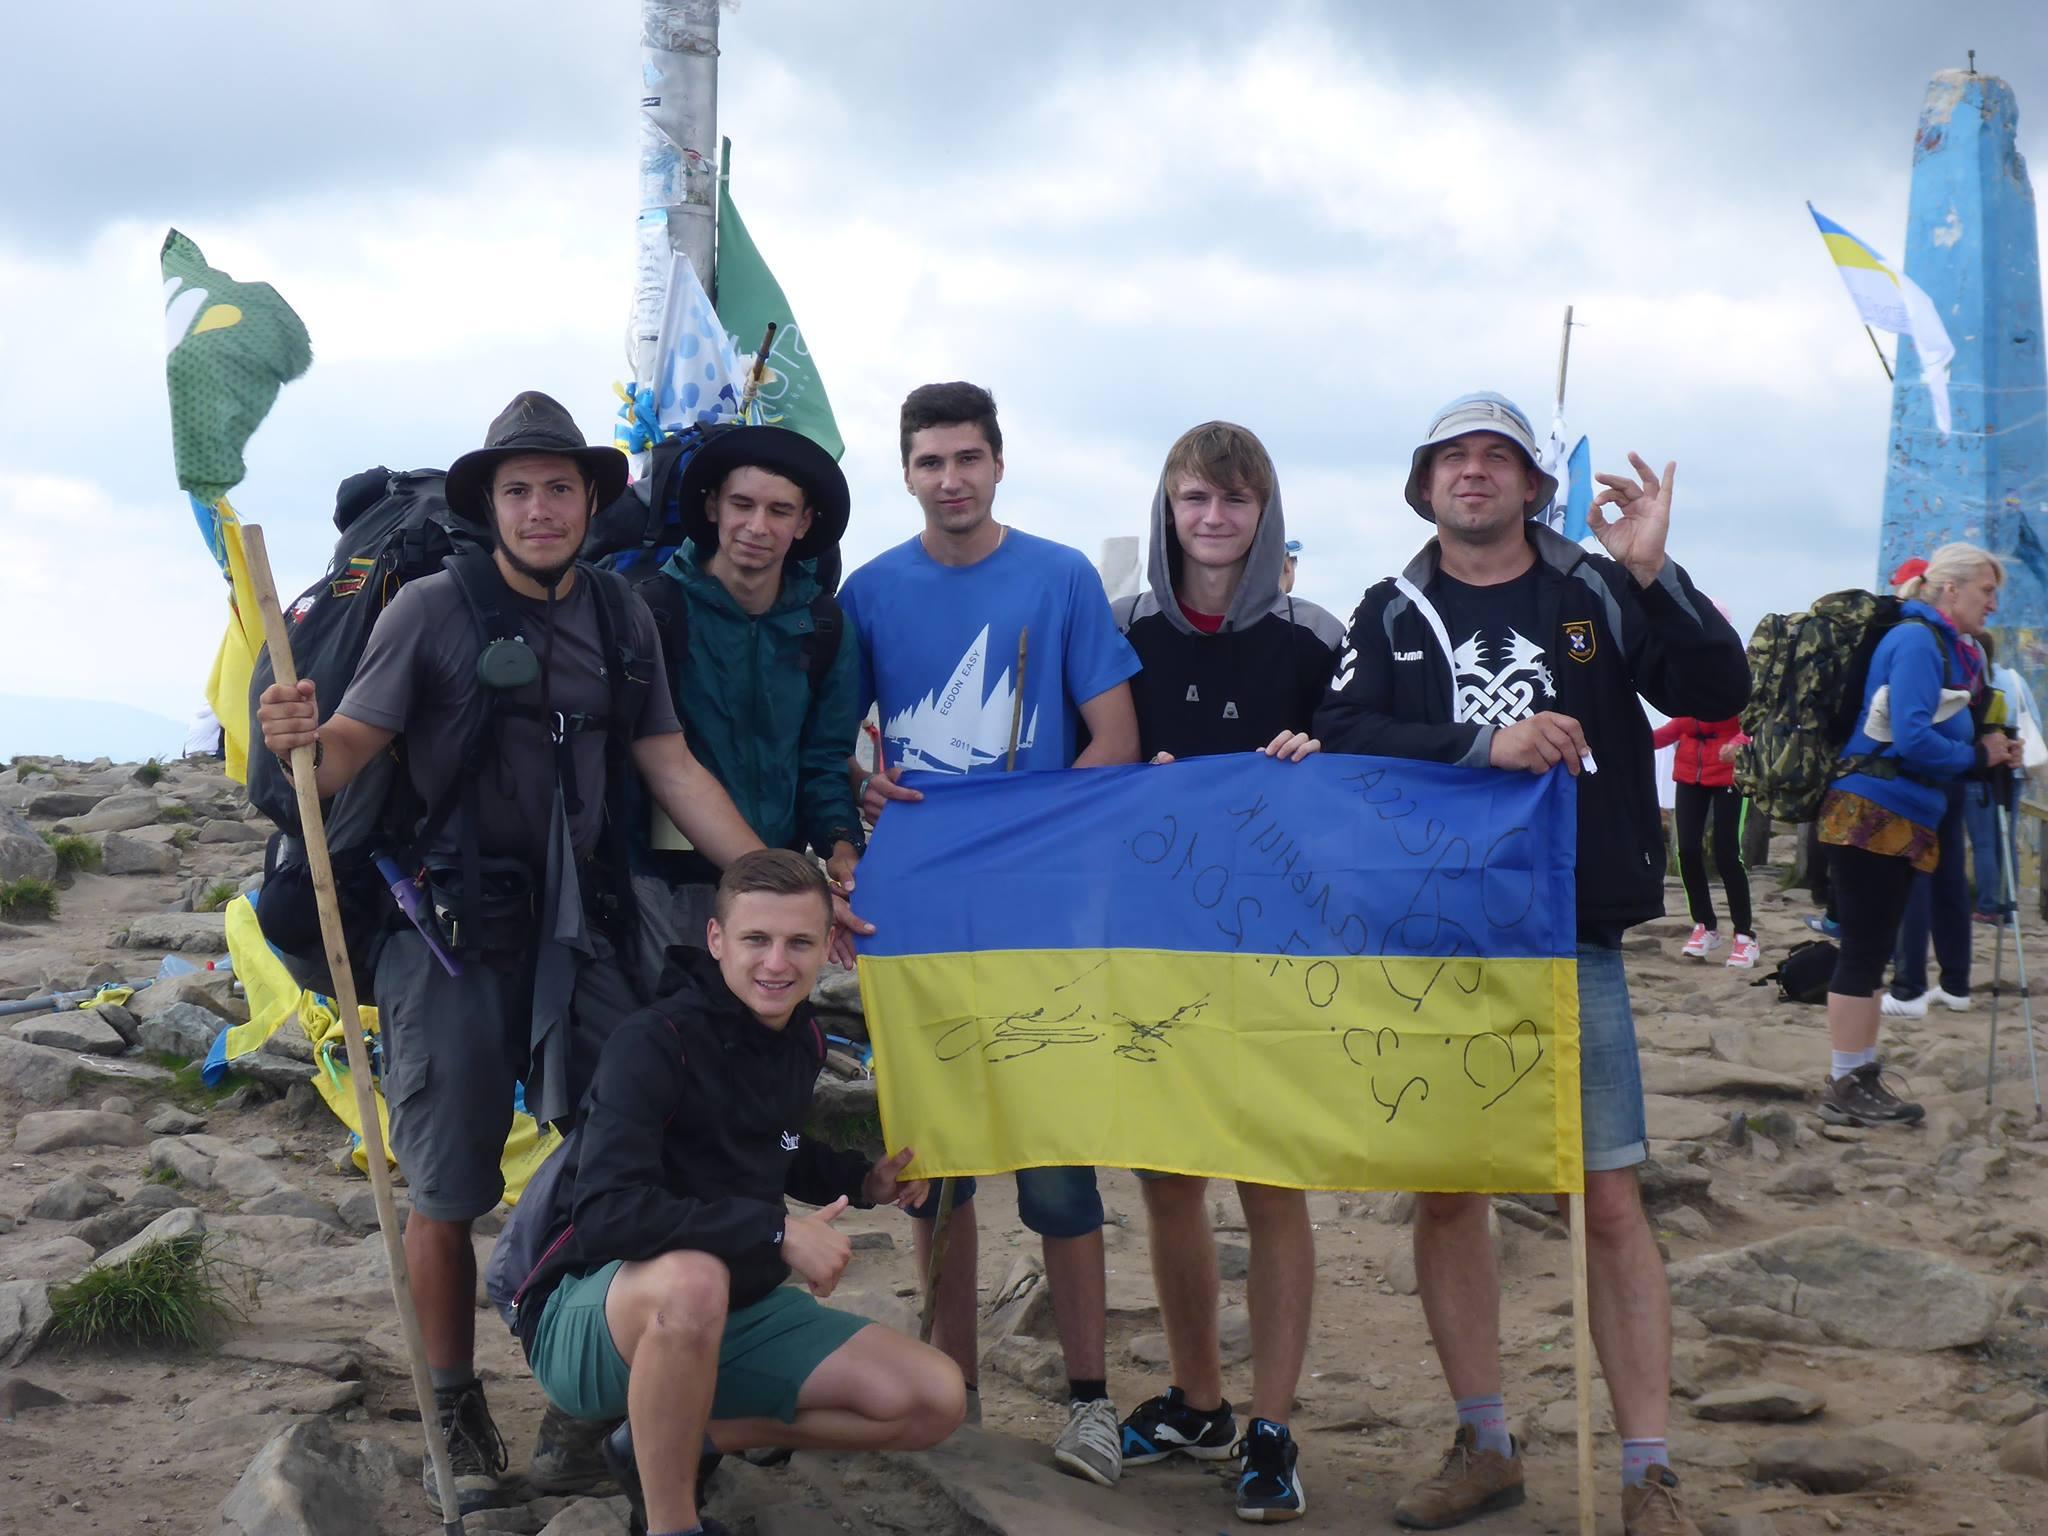 En compagnie d'un Ukrainien rencontré au matin nous arrivons au sommet. J'ai droit à une interview grace à un journaliste ayant entendu parlé de mon projet de marche